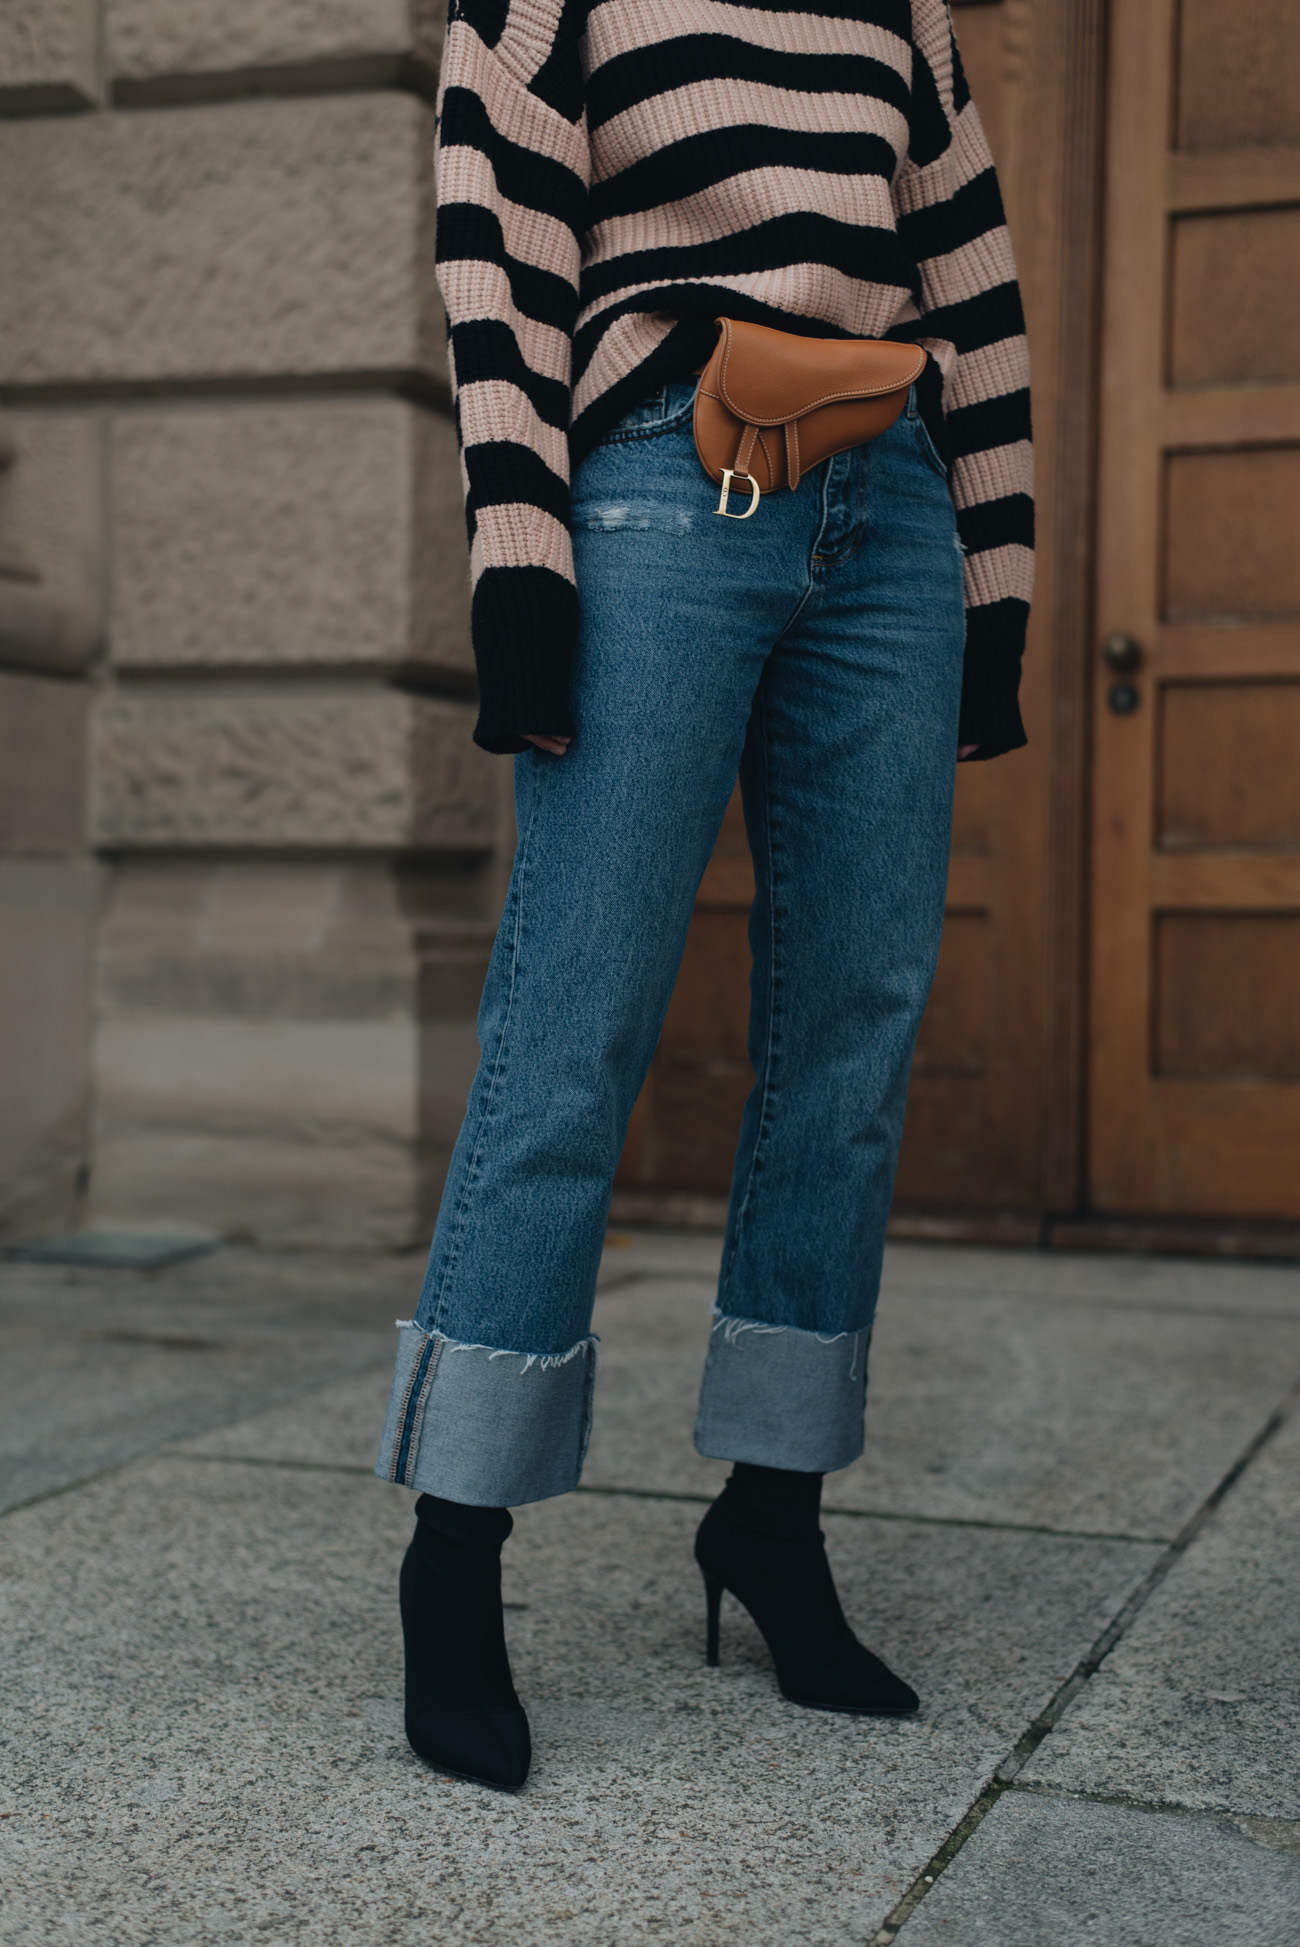 die perfekte Jeans Guide